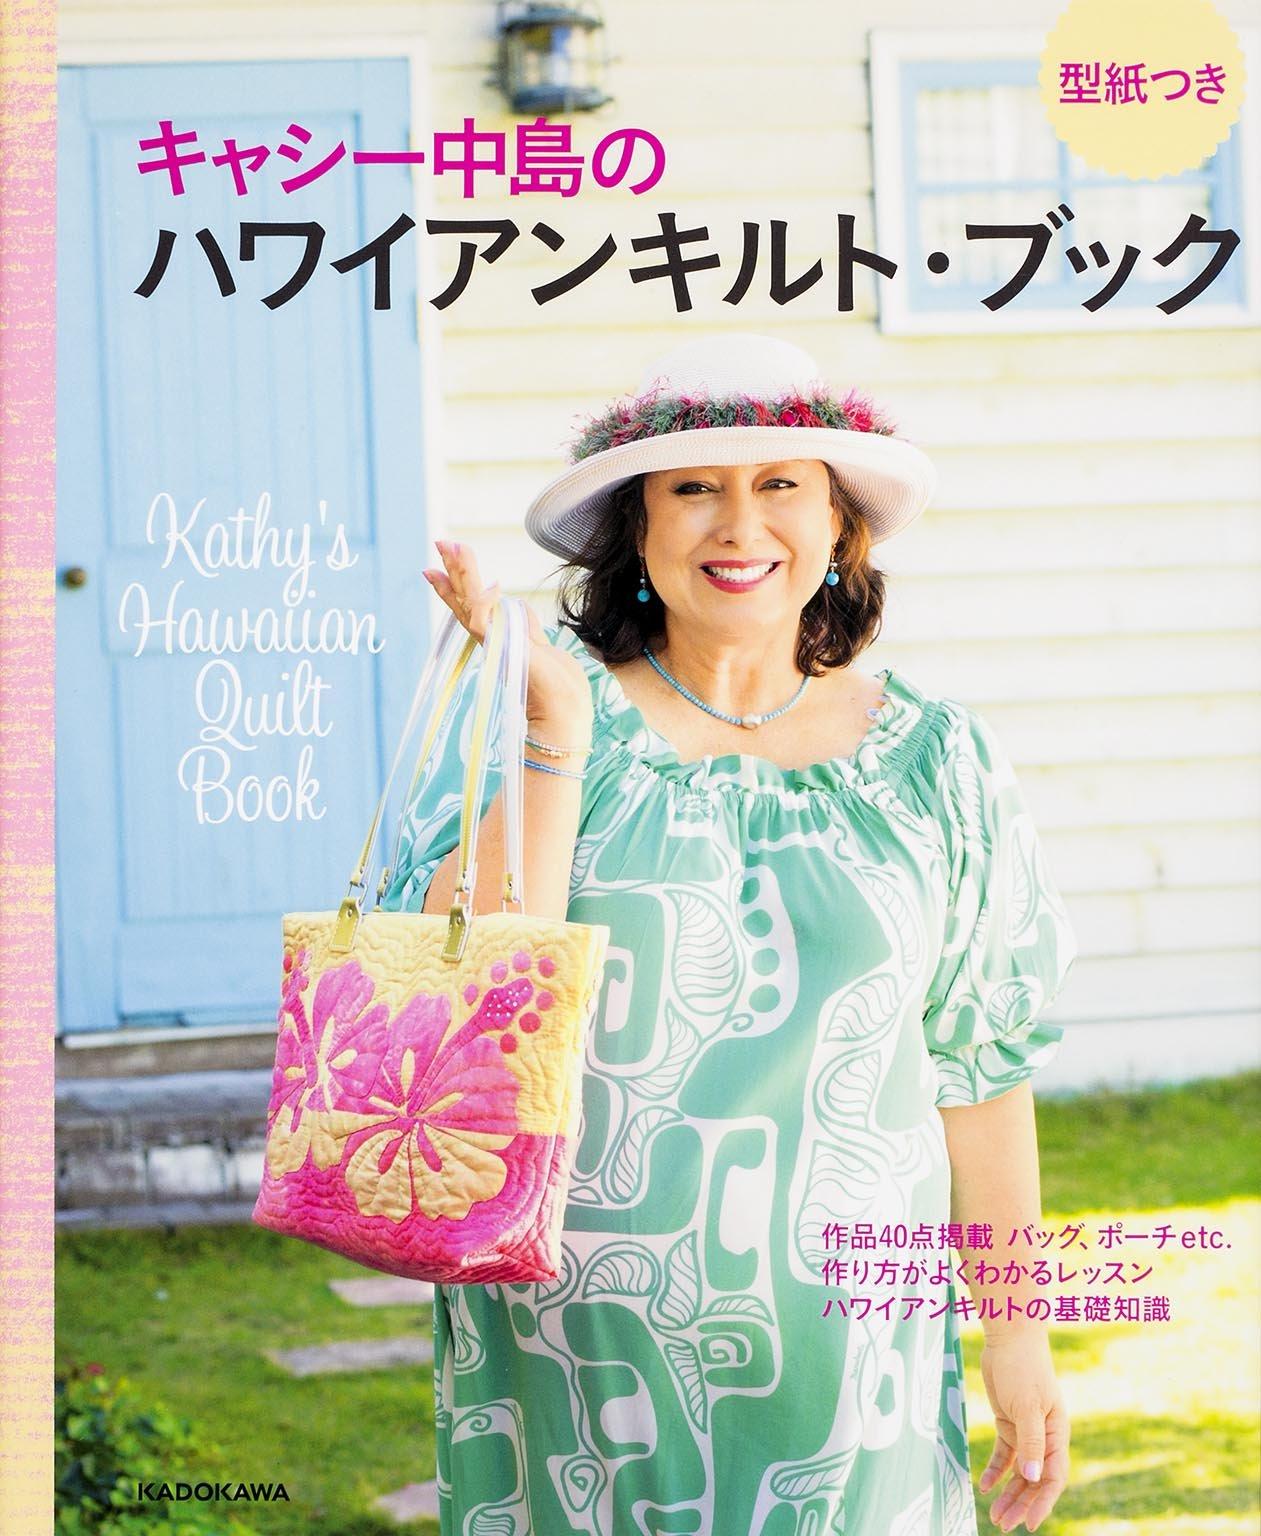 Kathy Nakajima of Hawaiian quilt books